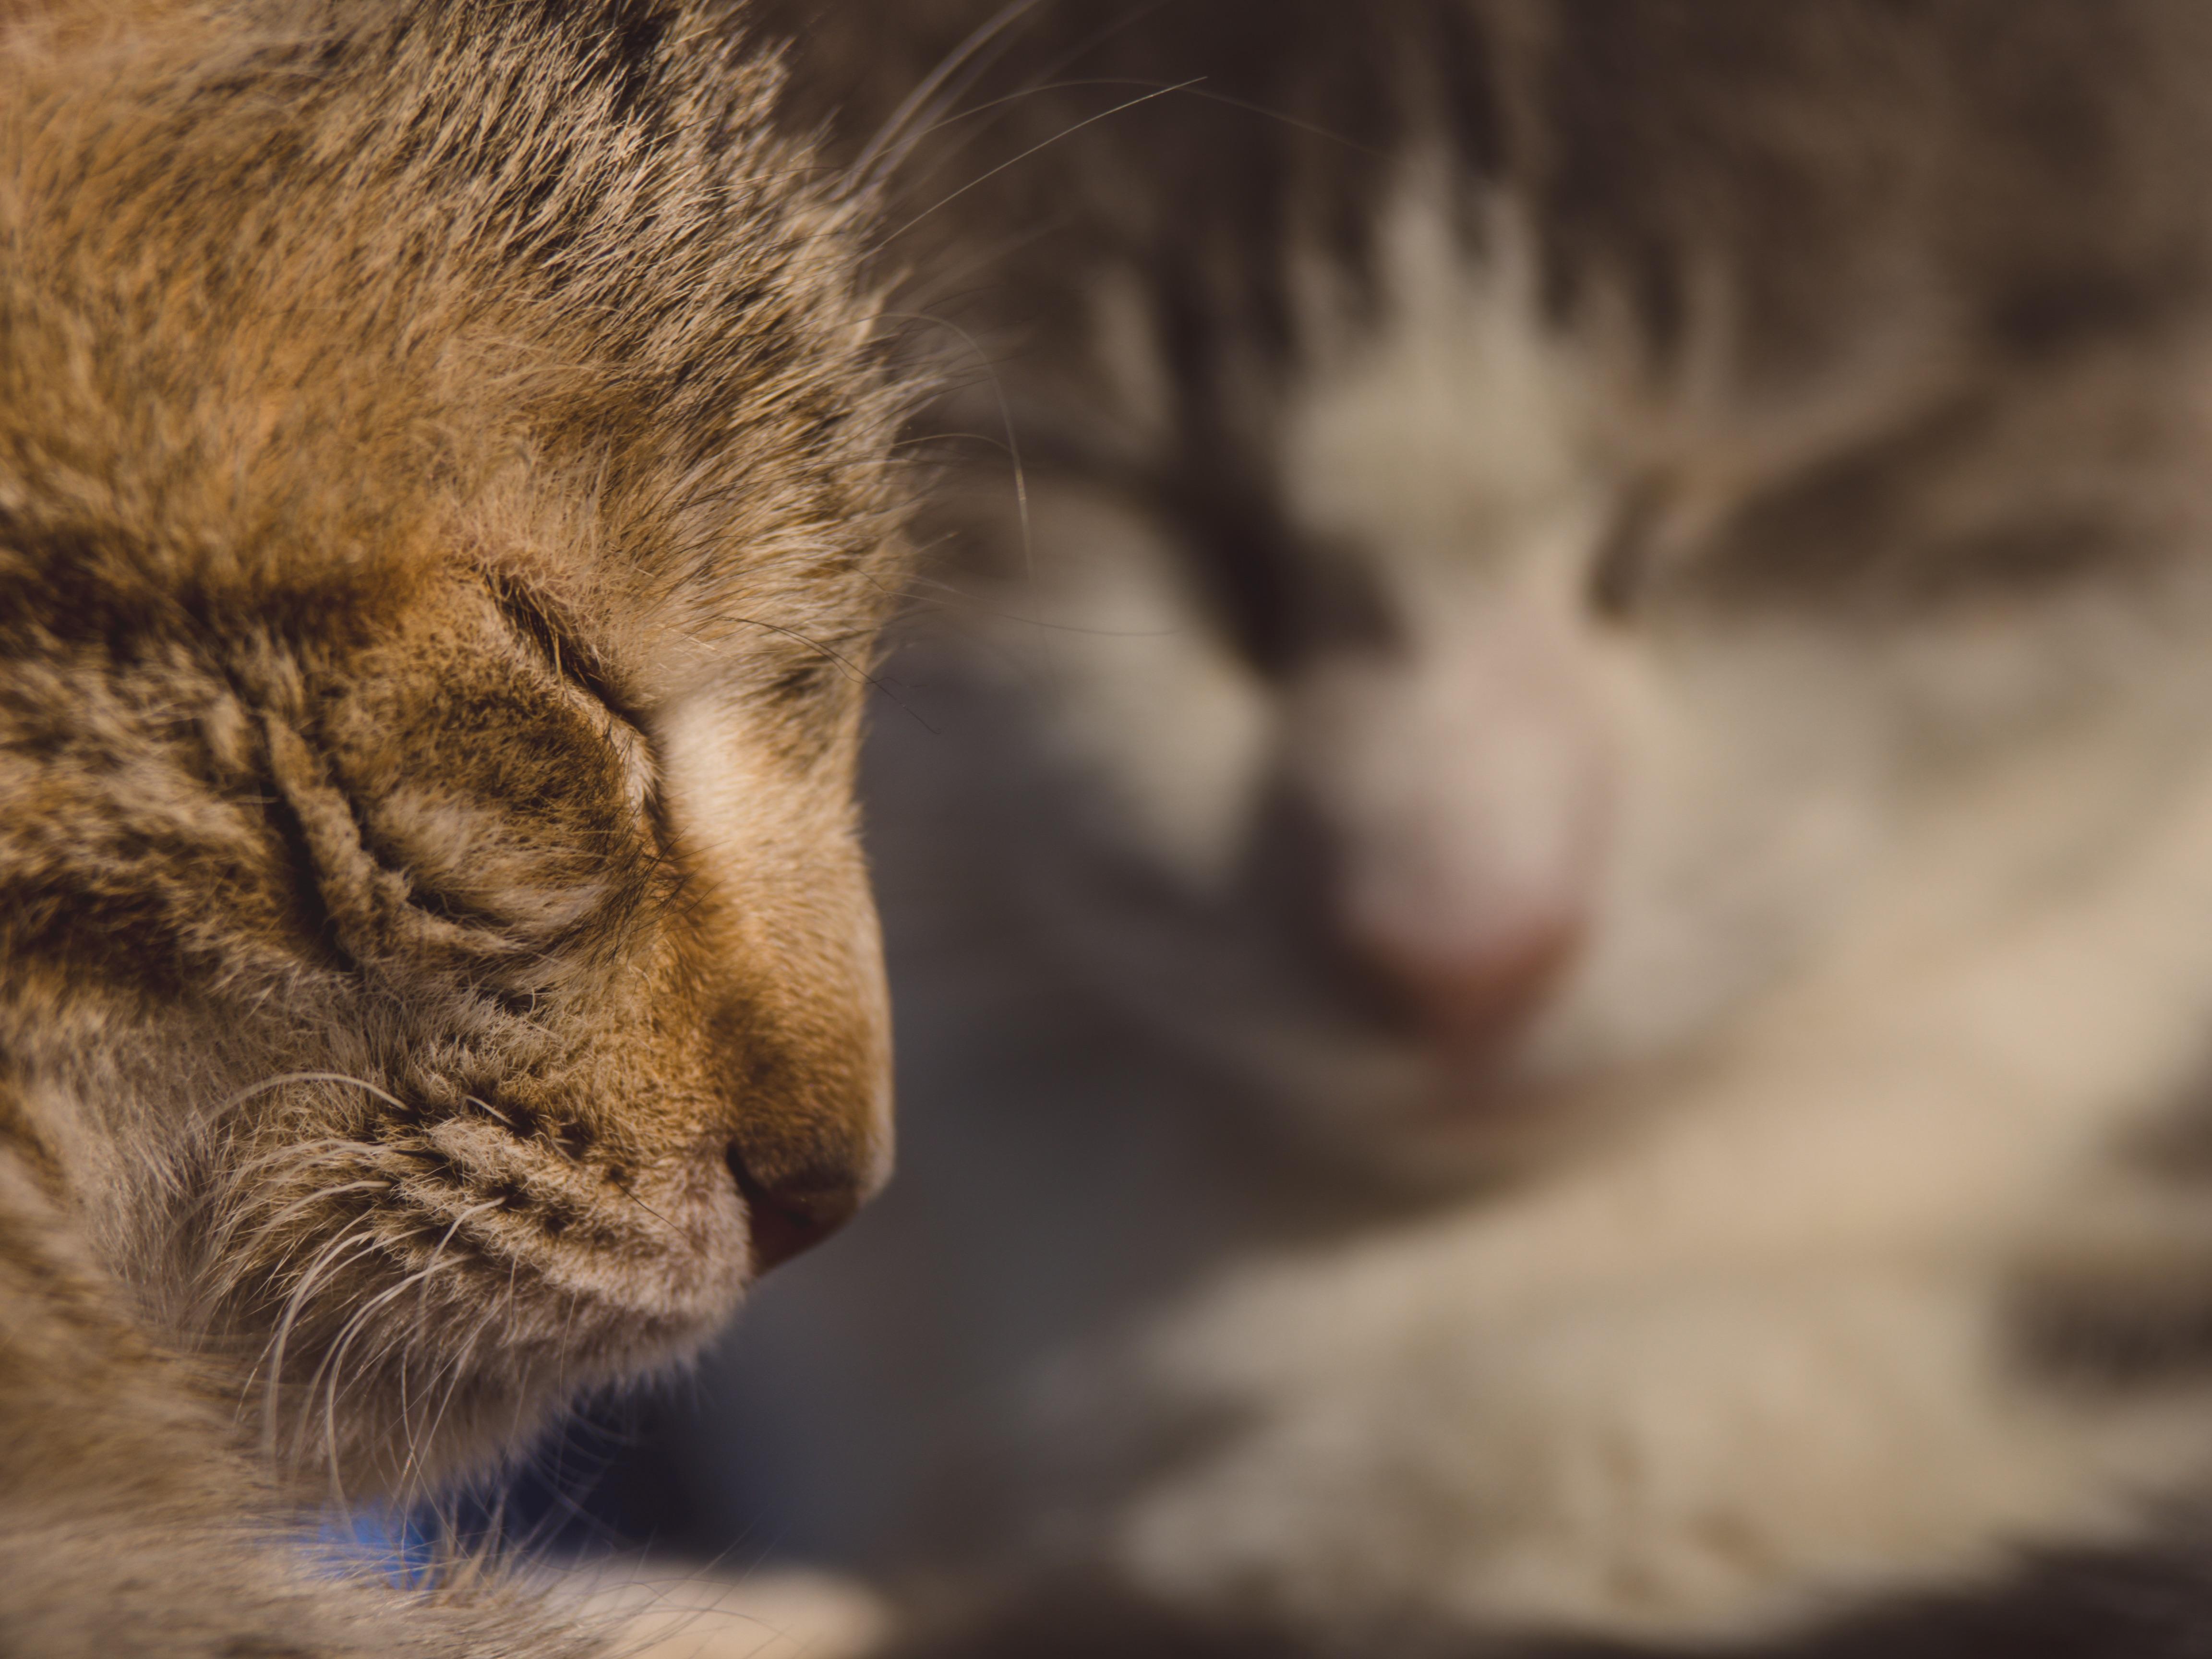 Darmowe Zdjęcia Kotek Fauna ścieśniać Nos Wąsy Pysk Oko